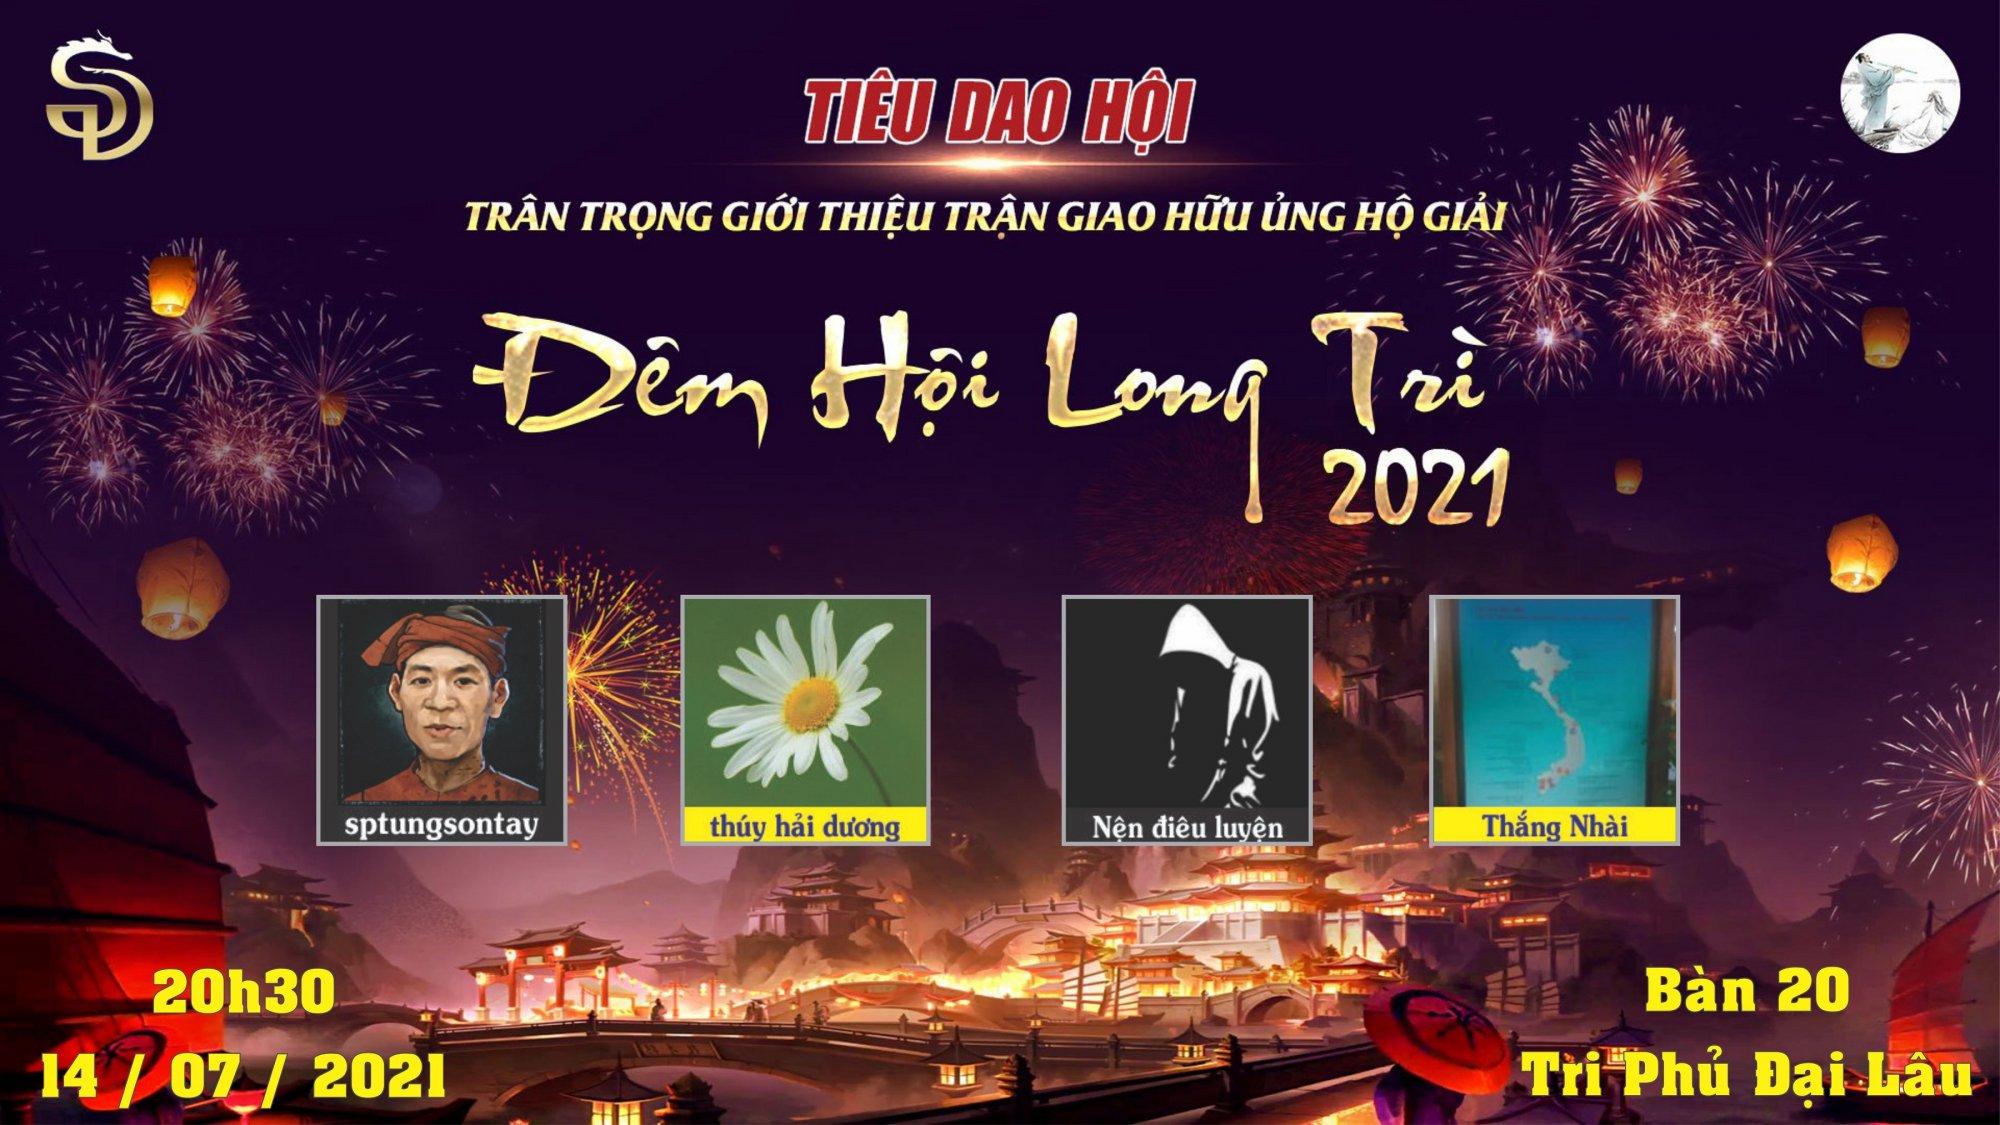 14.7_tran 6  - Tu Cuong Thuy HD Nen.